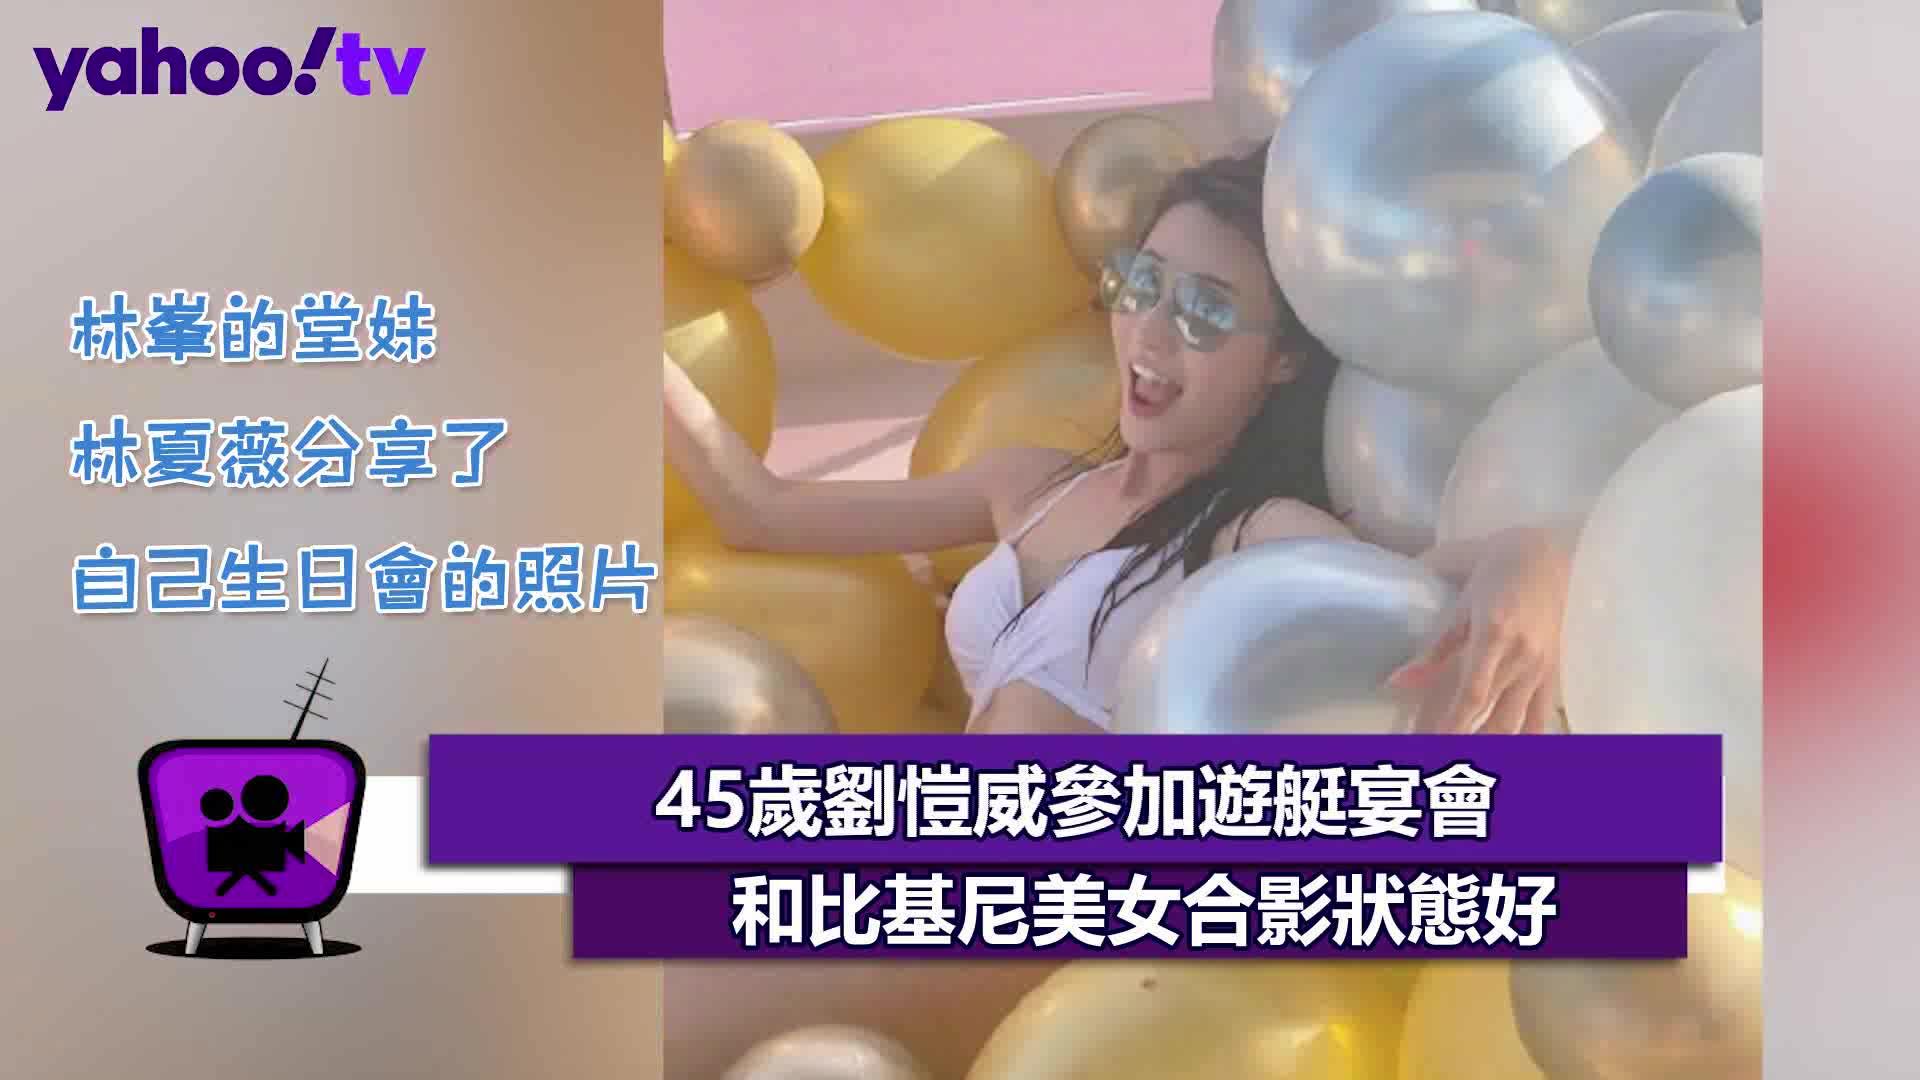 45歲劉愷威參加游艇宴和比基尼美女合影狀態好